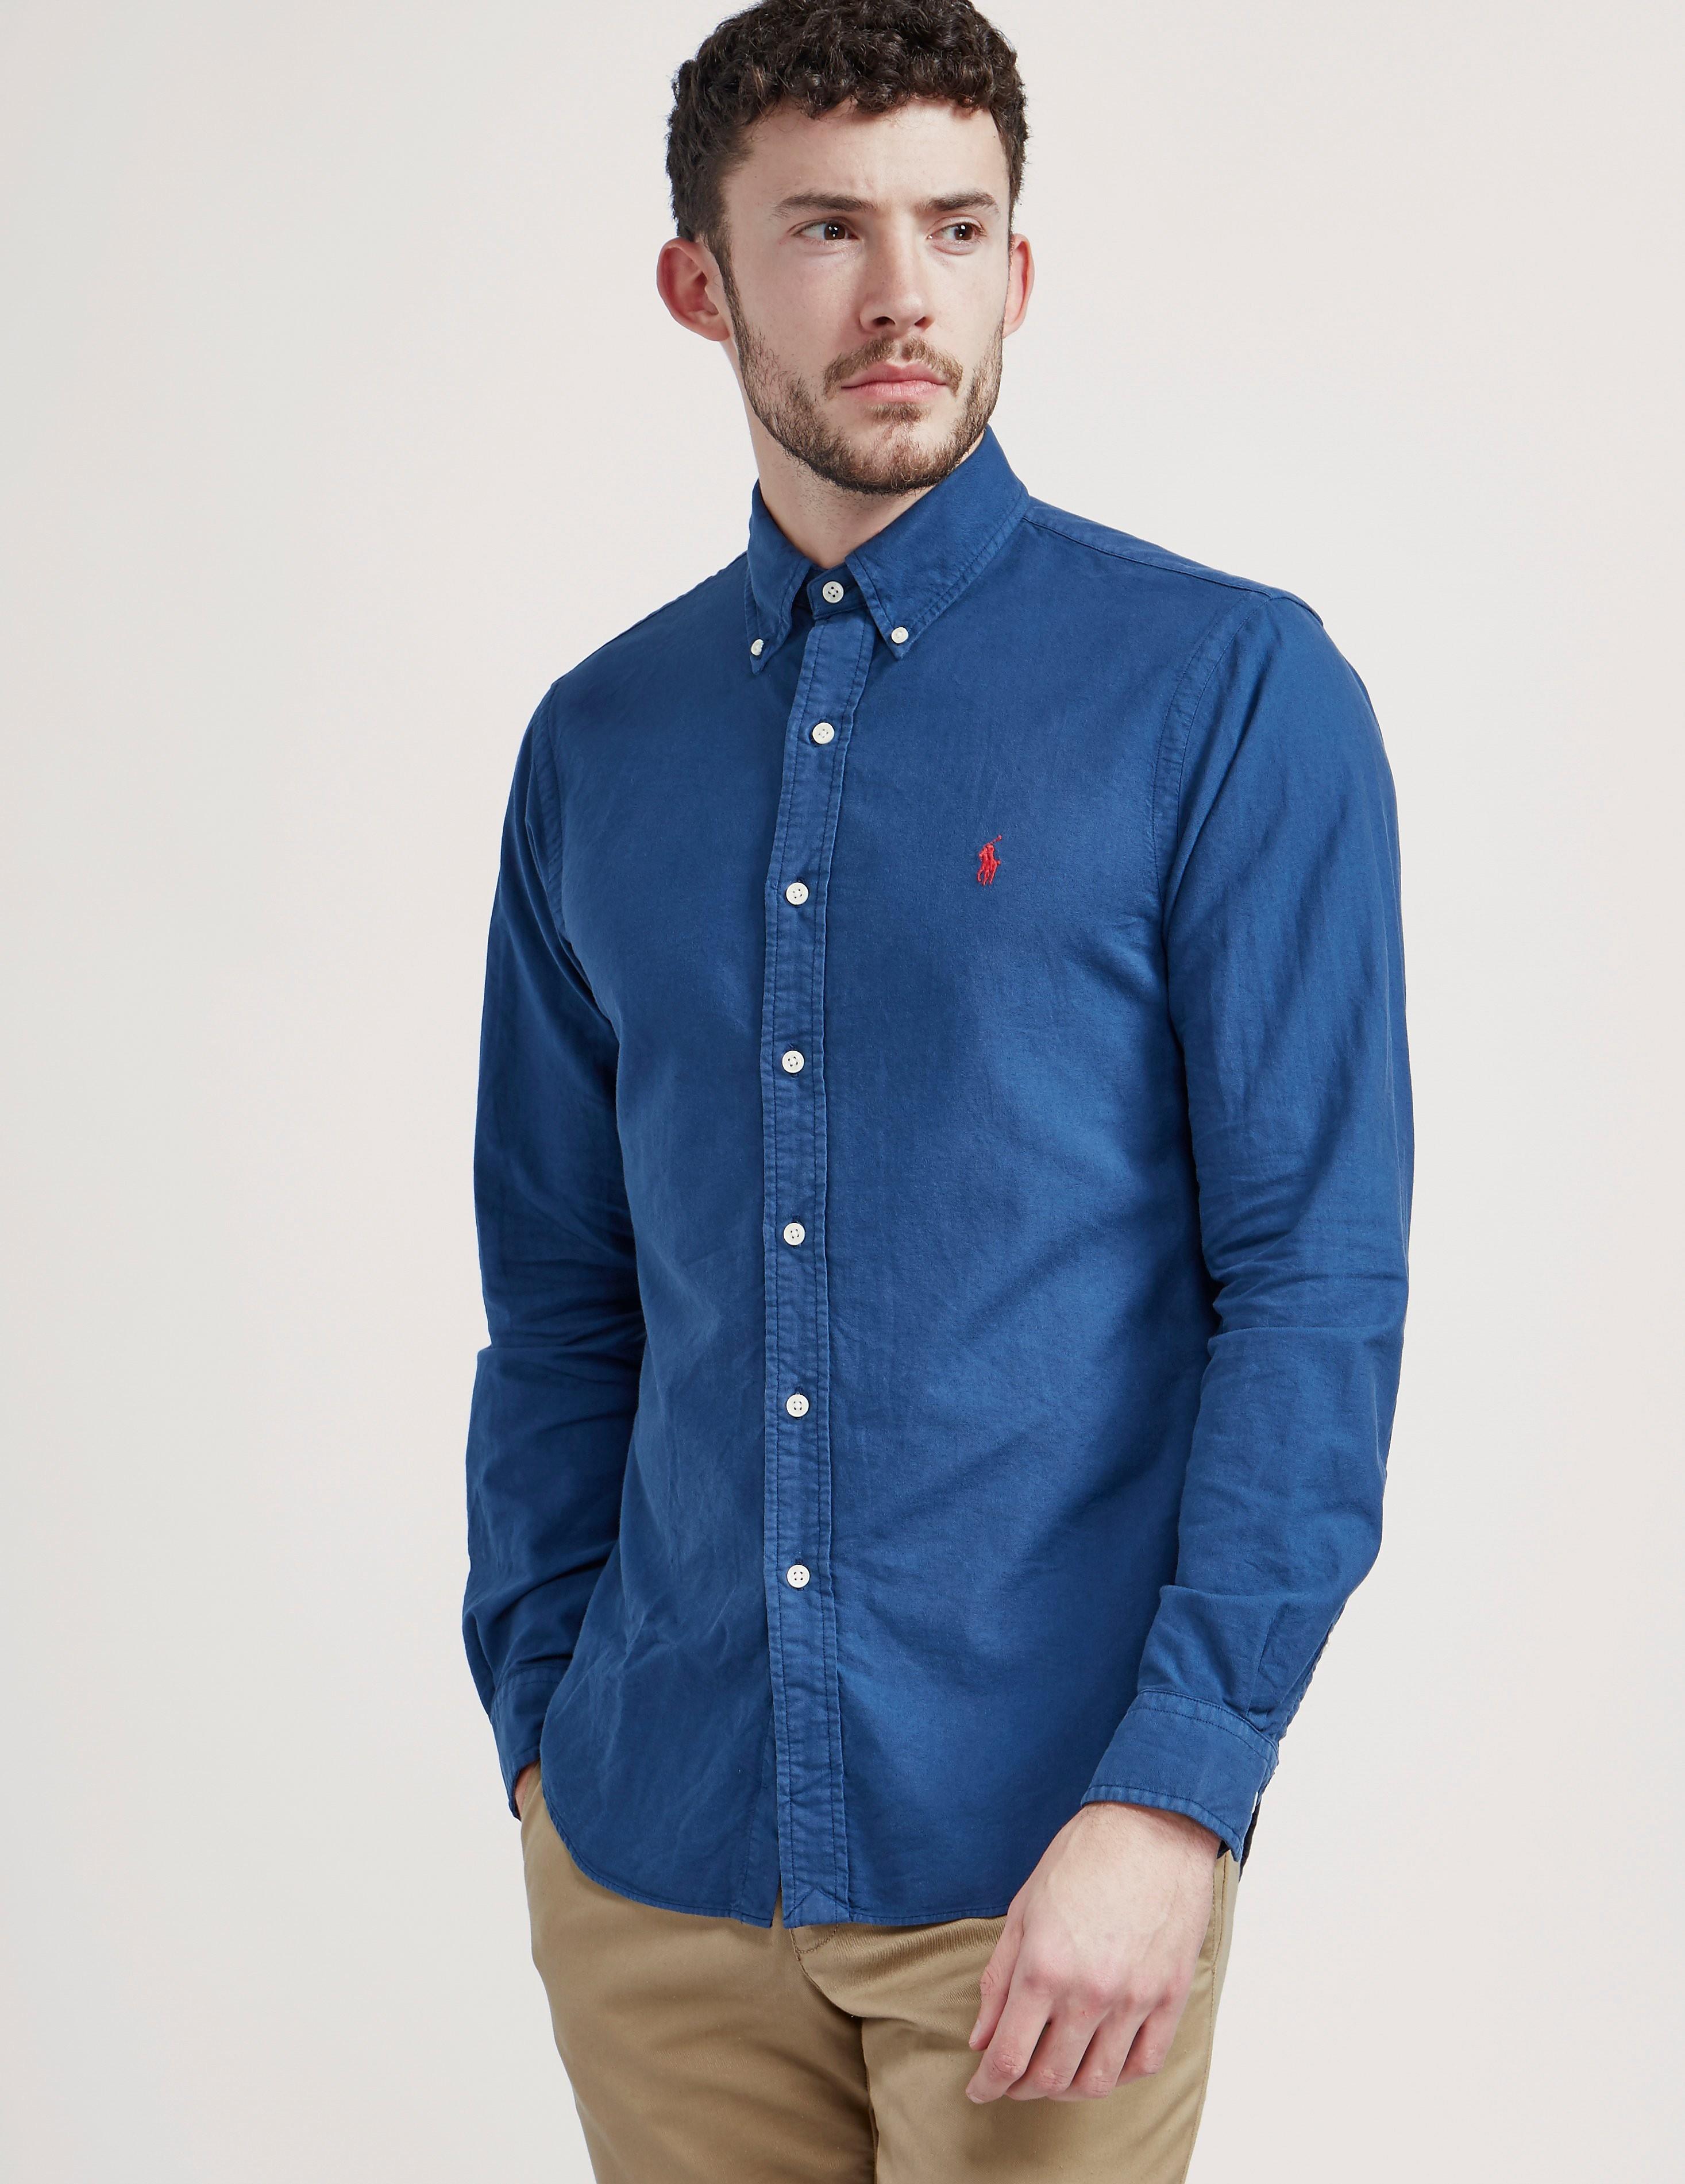 Polo Ralph Lauren SF Plain Oxford Shirt